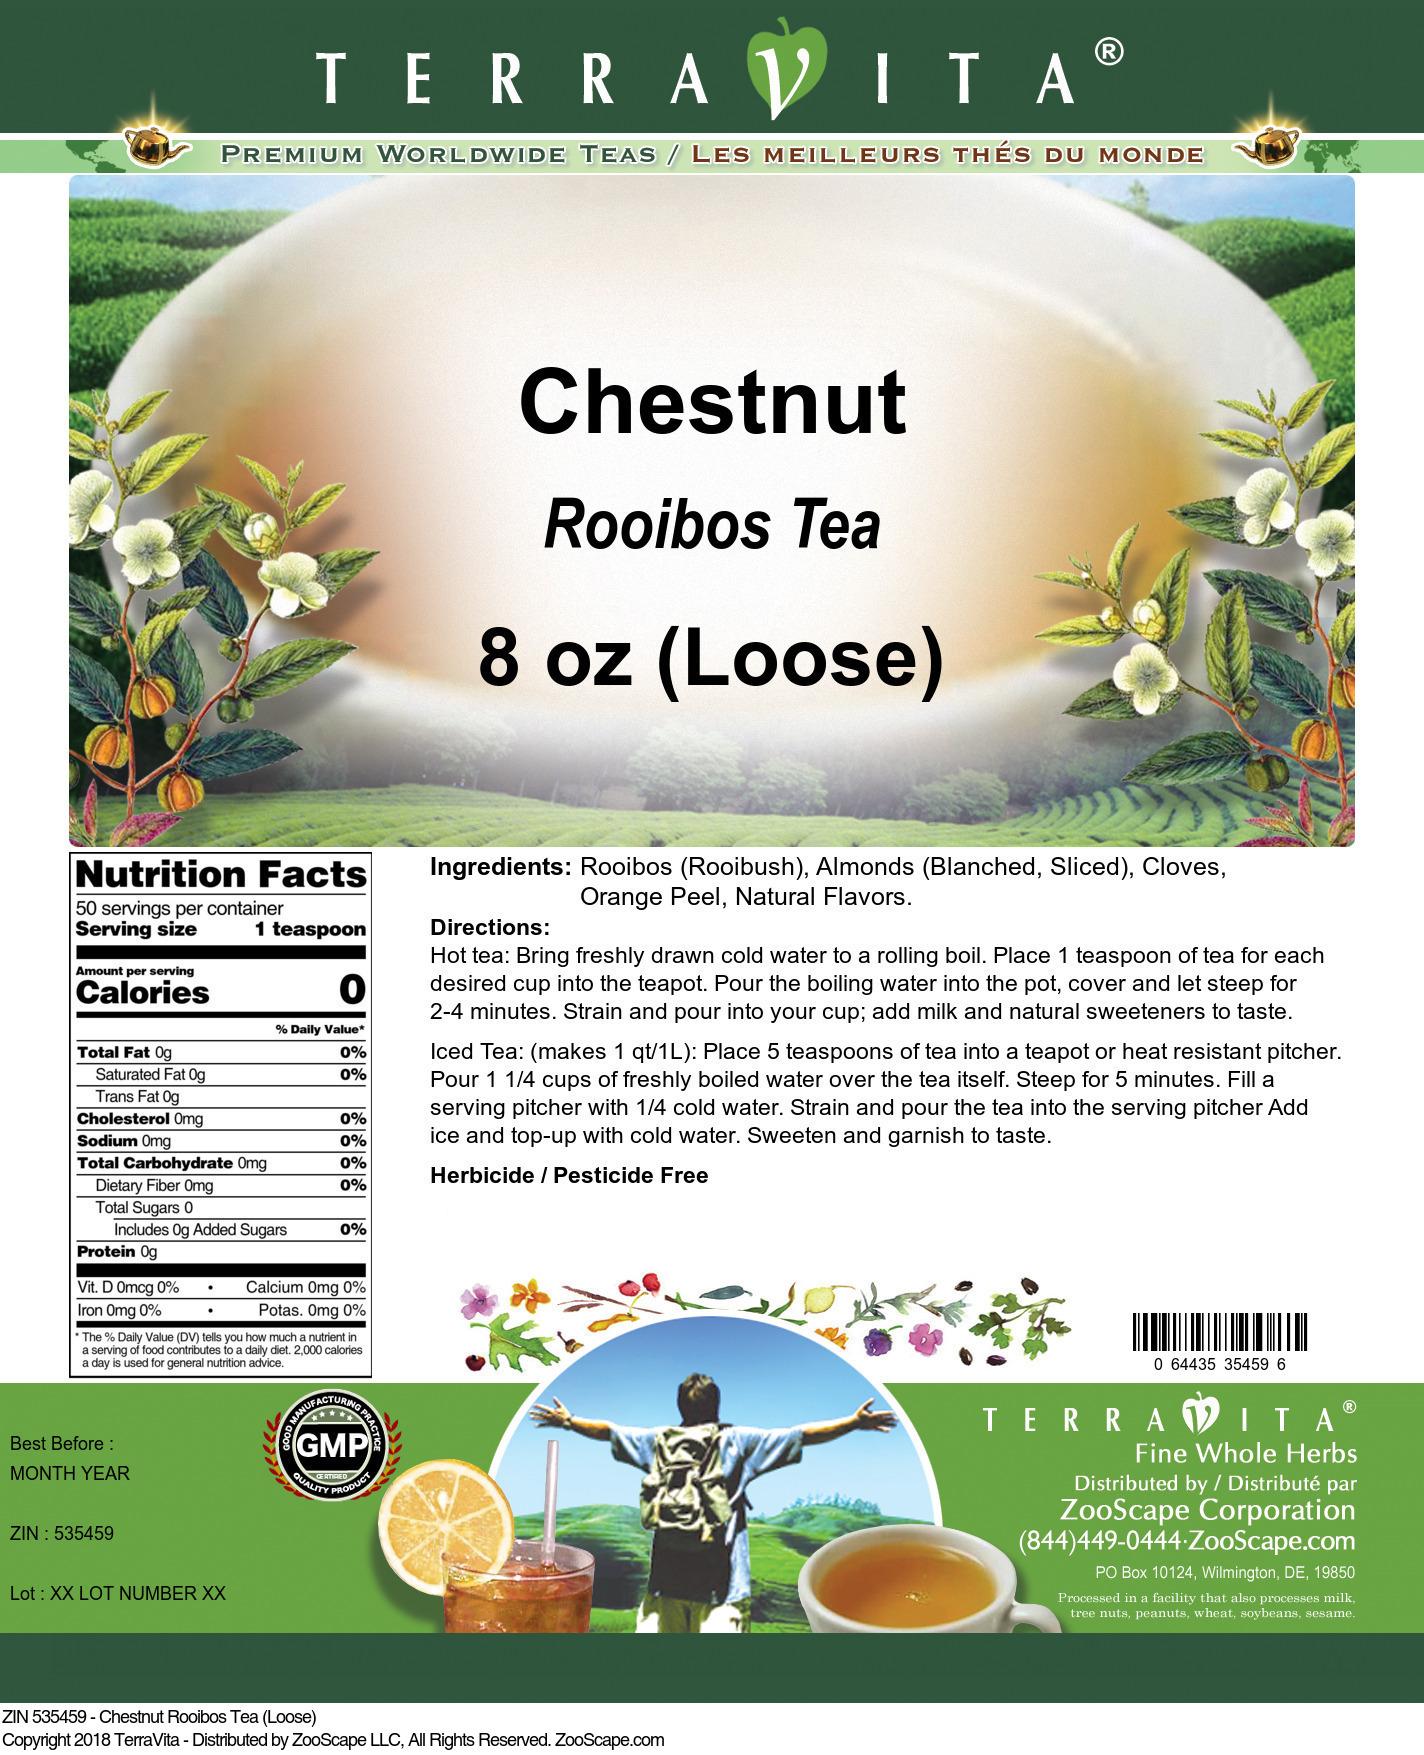 Chestnut Rooibos Tea (Loose)